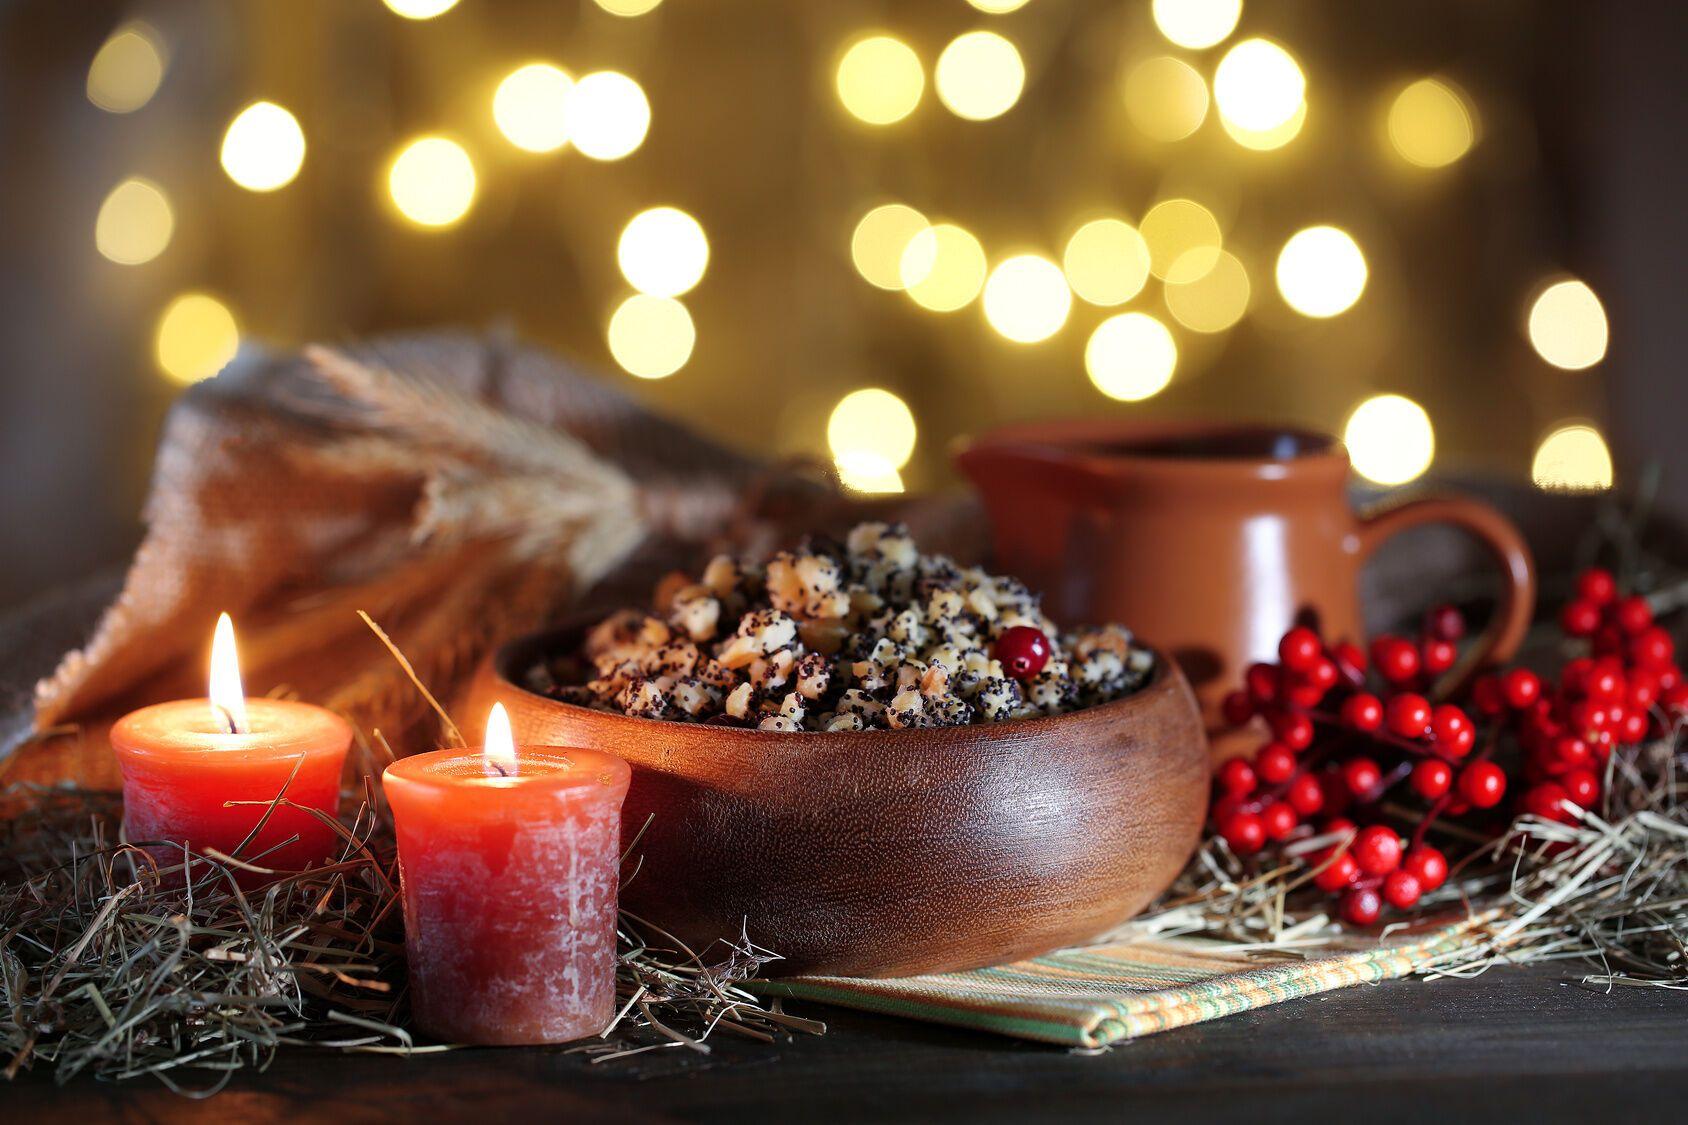 Сьогодні Святвечір: що не можна робити напередодні Різдва